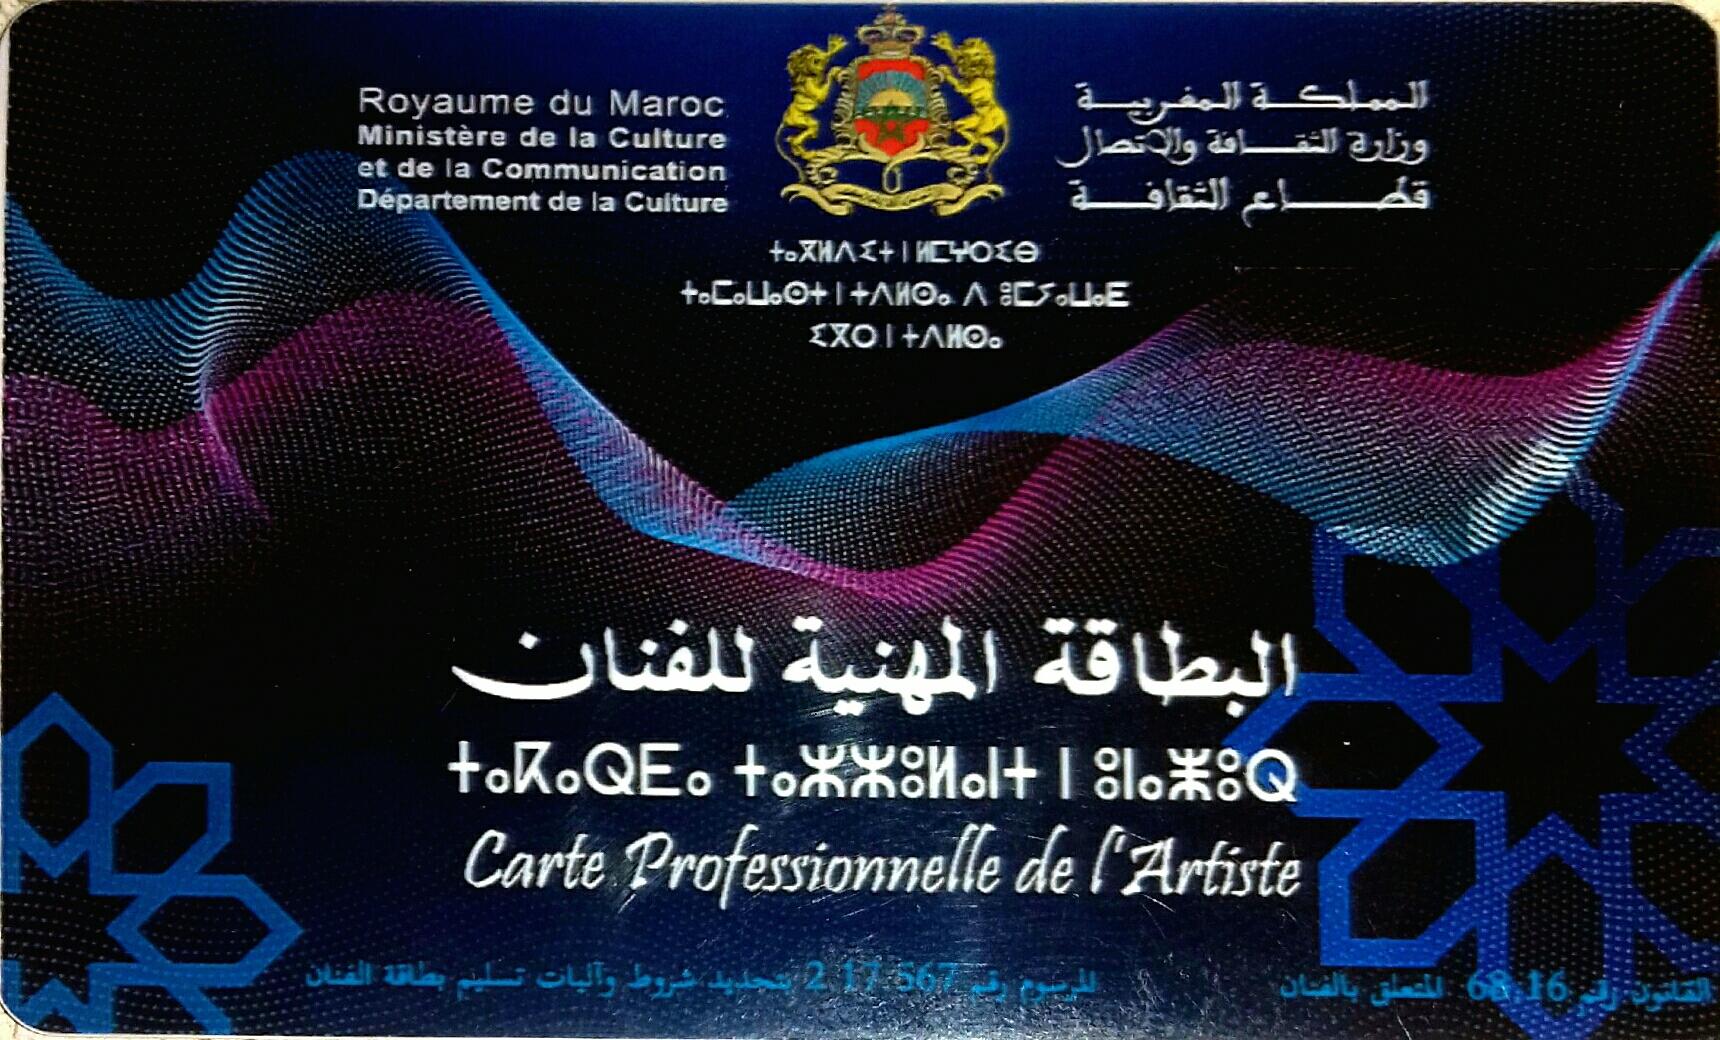 صورة 3508 مستفيدا من بطاقة الفنان في عز الجائحة